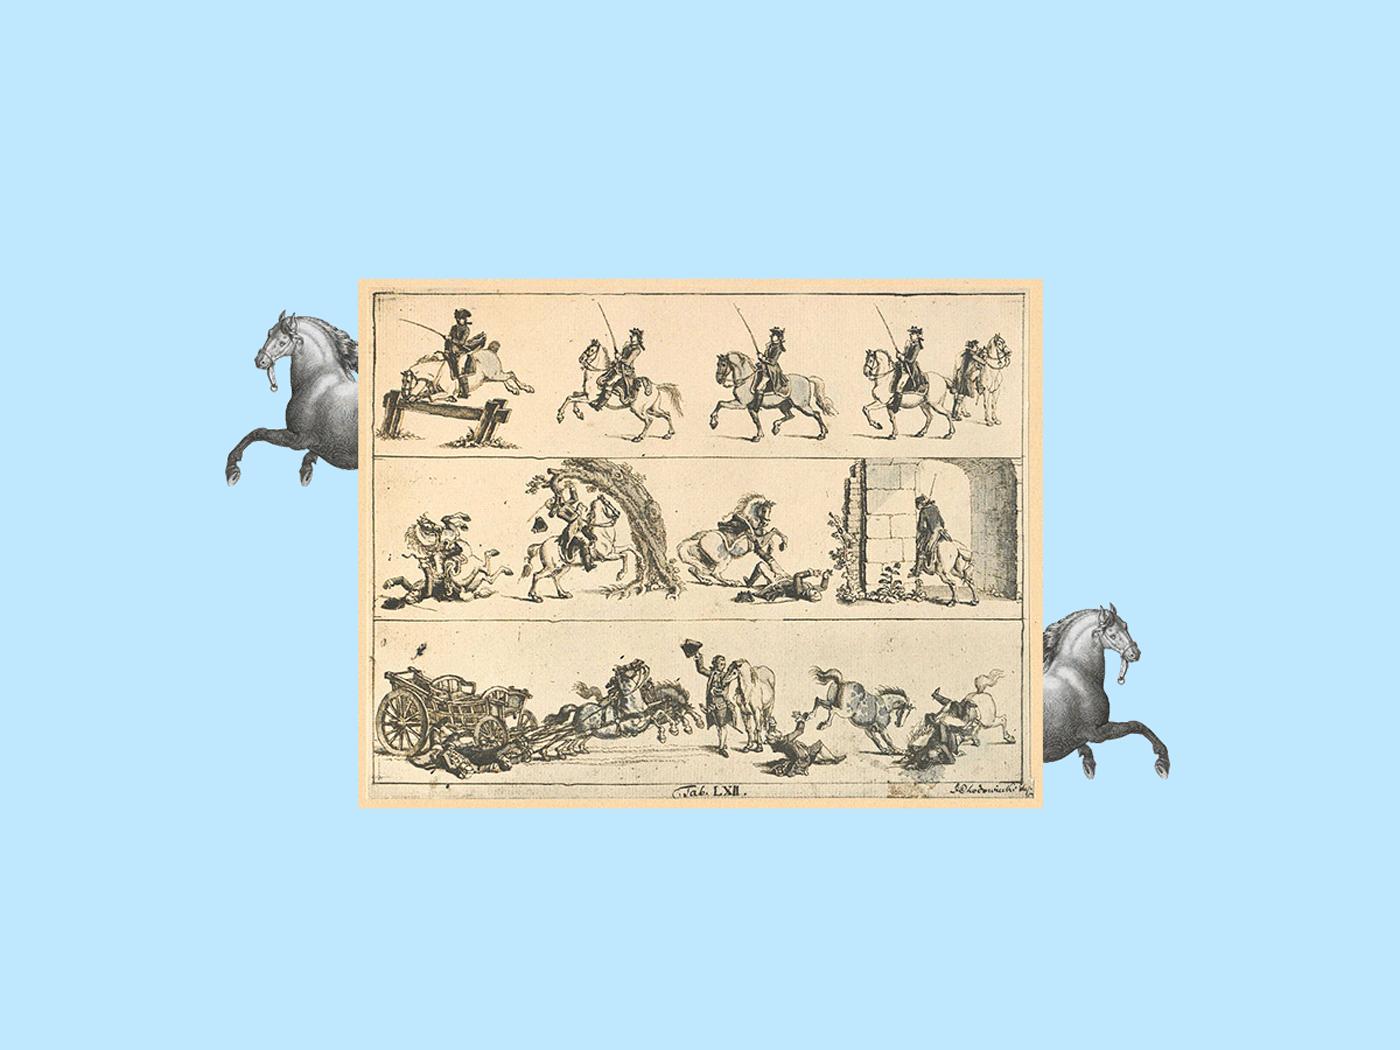 Єдиноріг, зірки і кораблі: якими були перші навчальні книжки для дітей